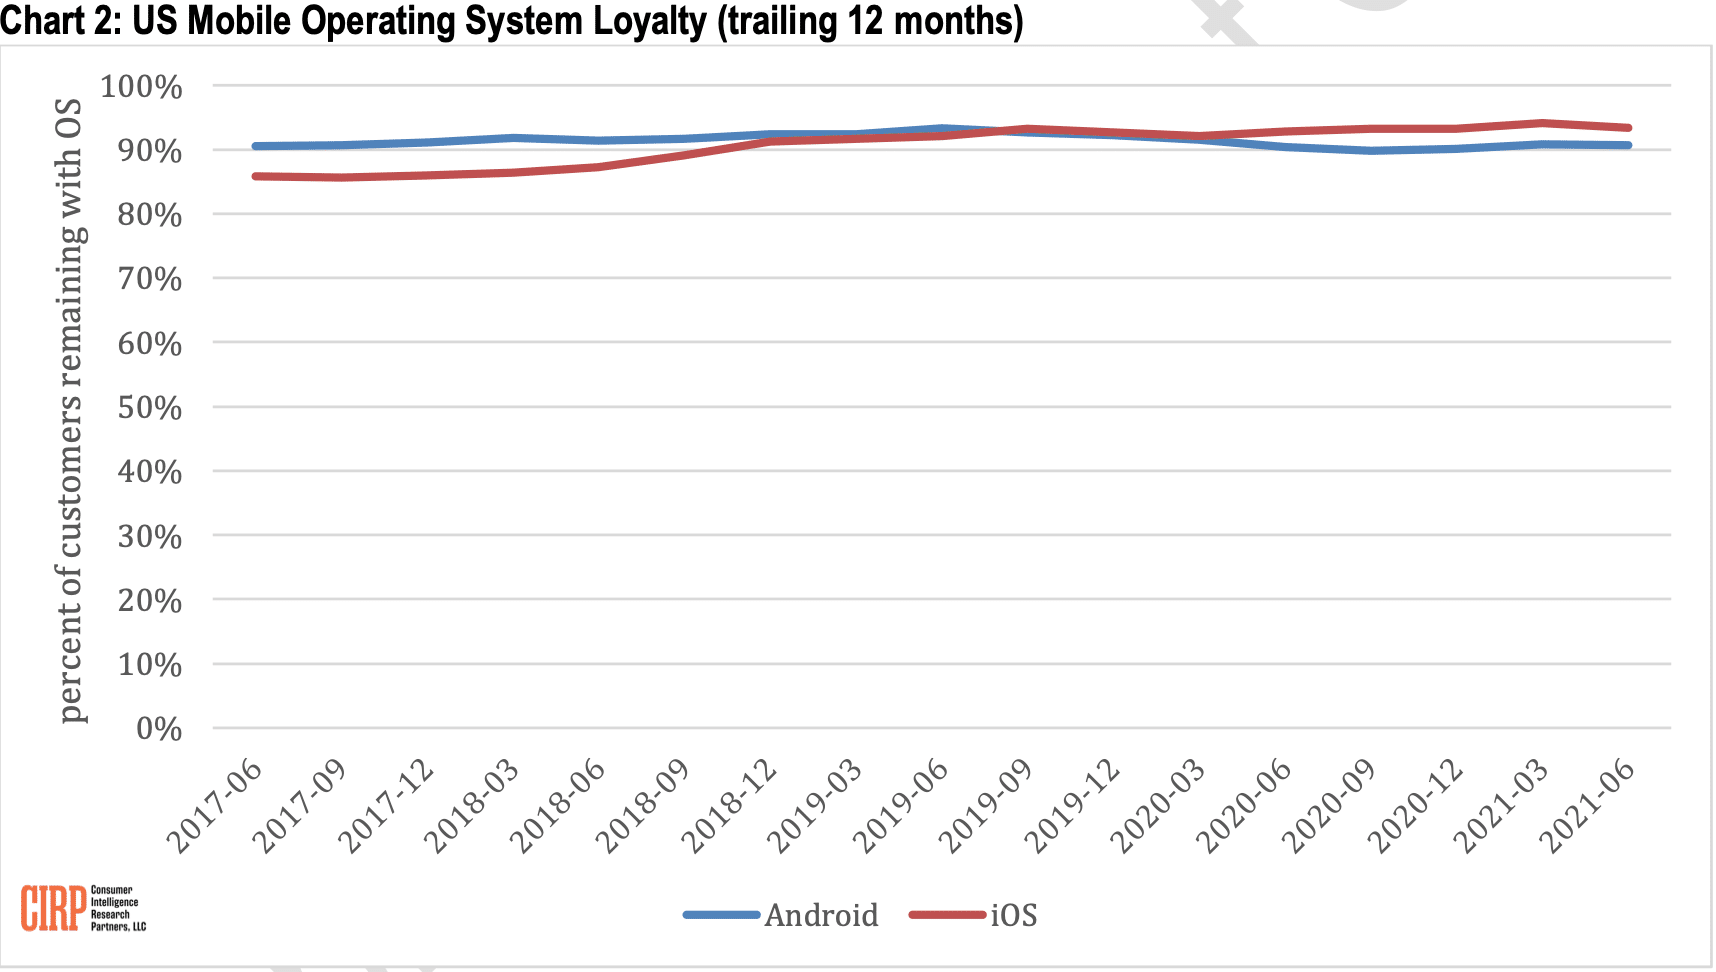 CIRP: lealdade aos sistemas operacionais (iOS e Android)